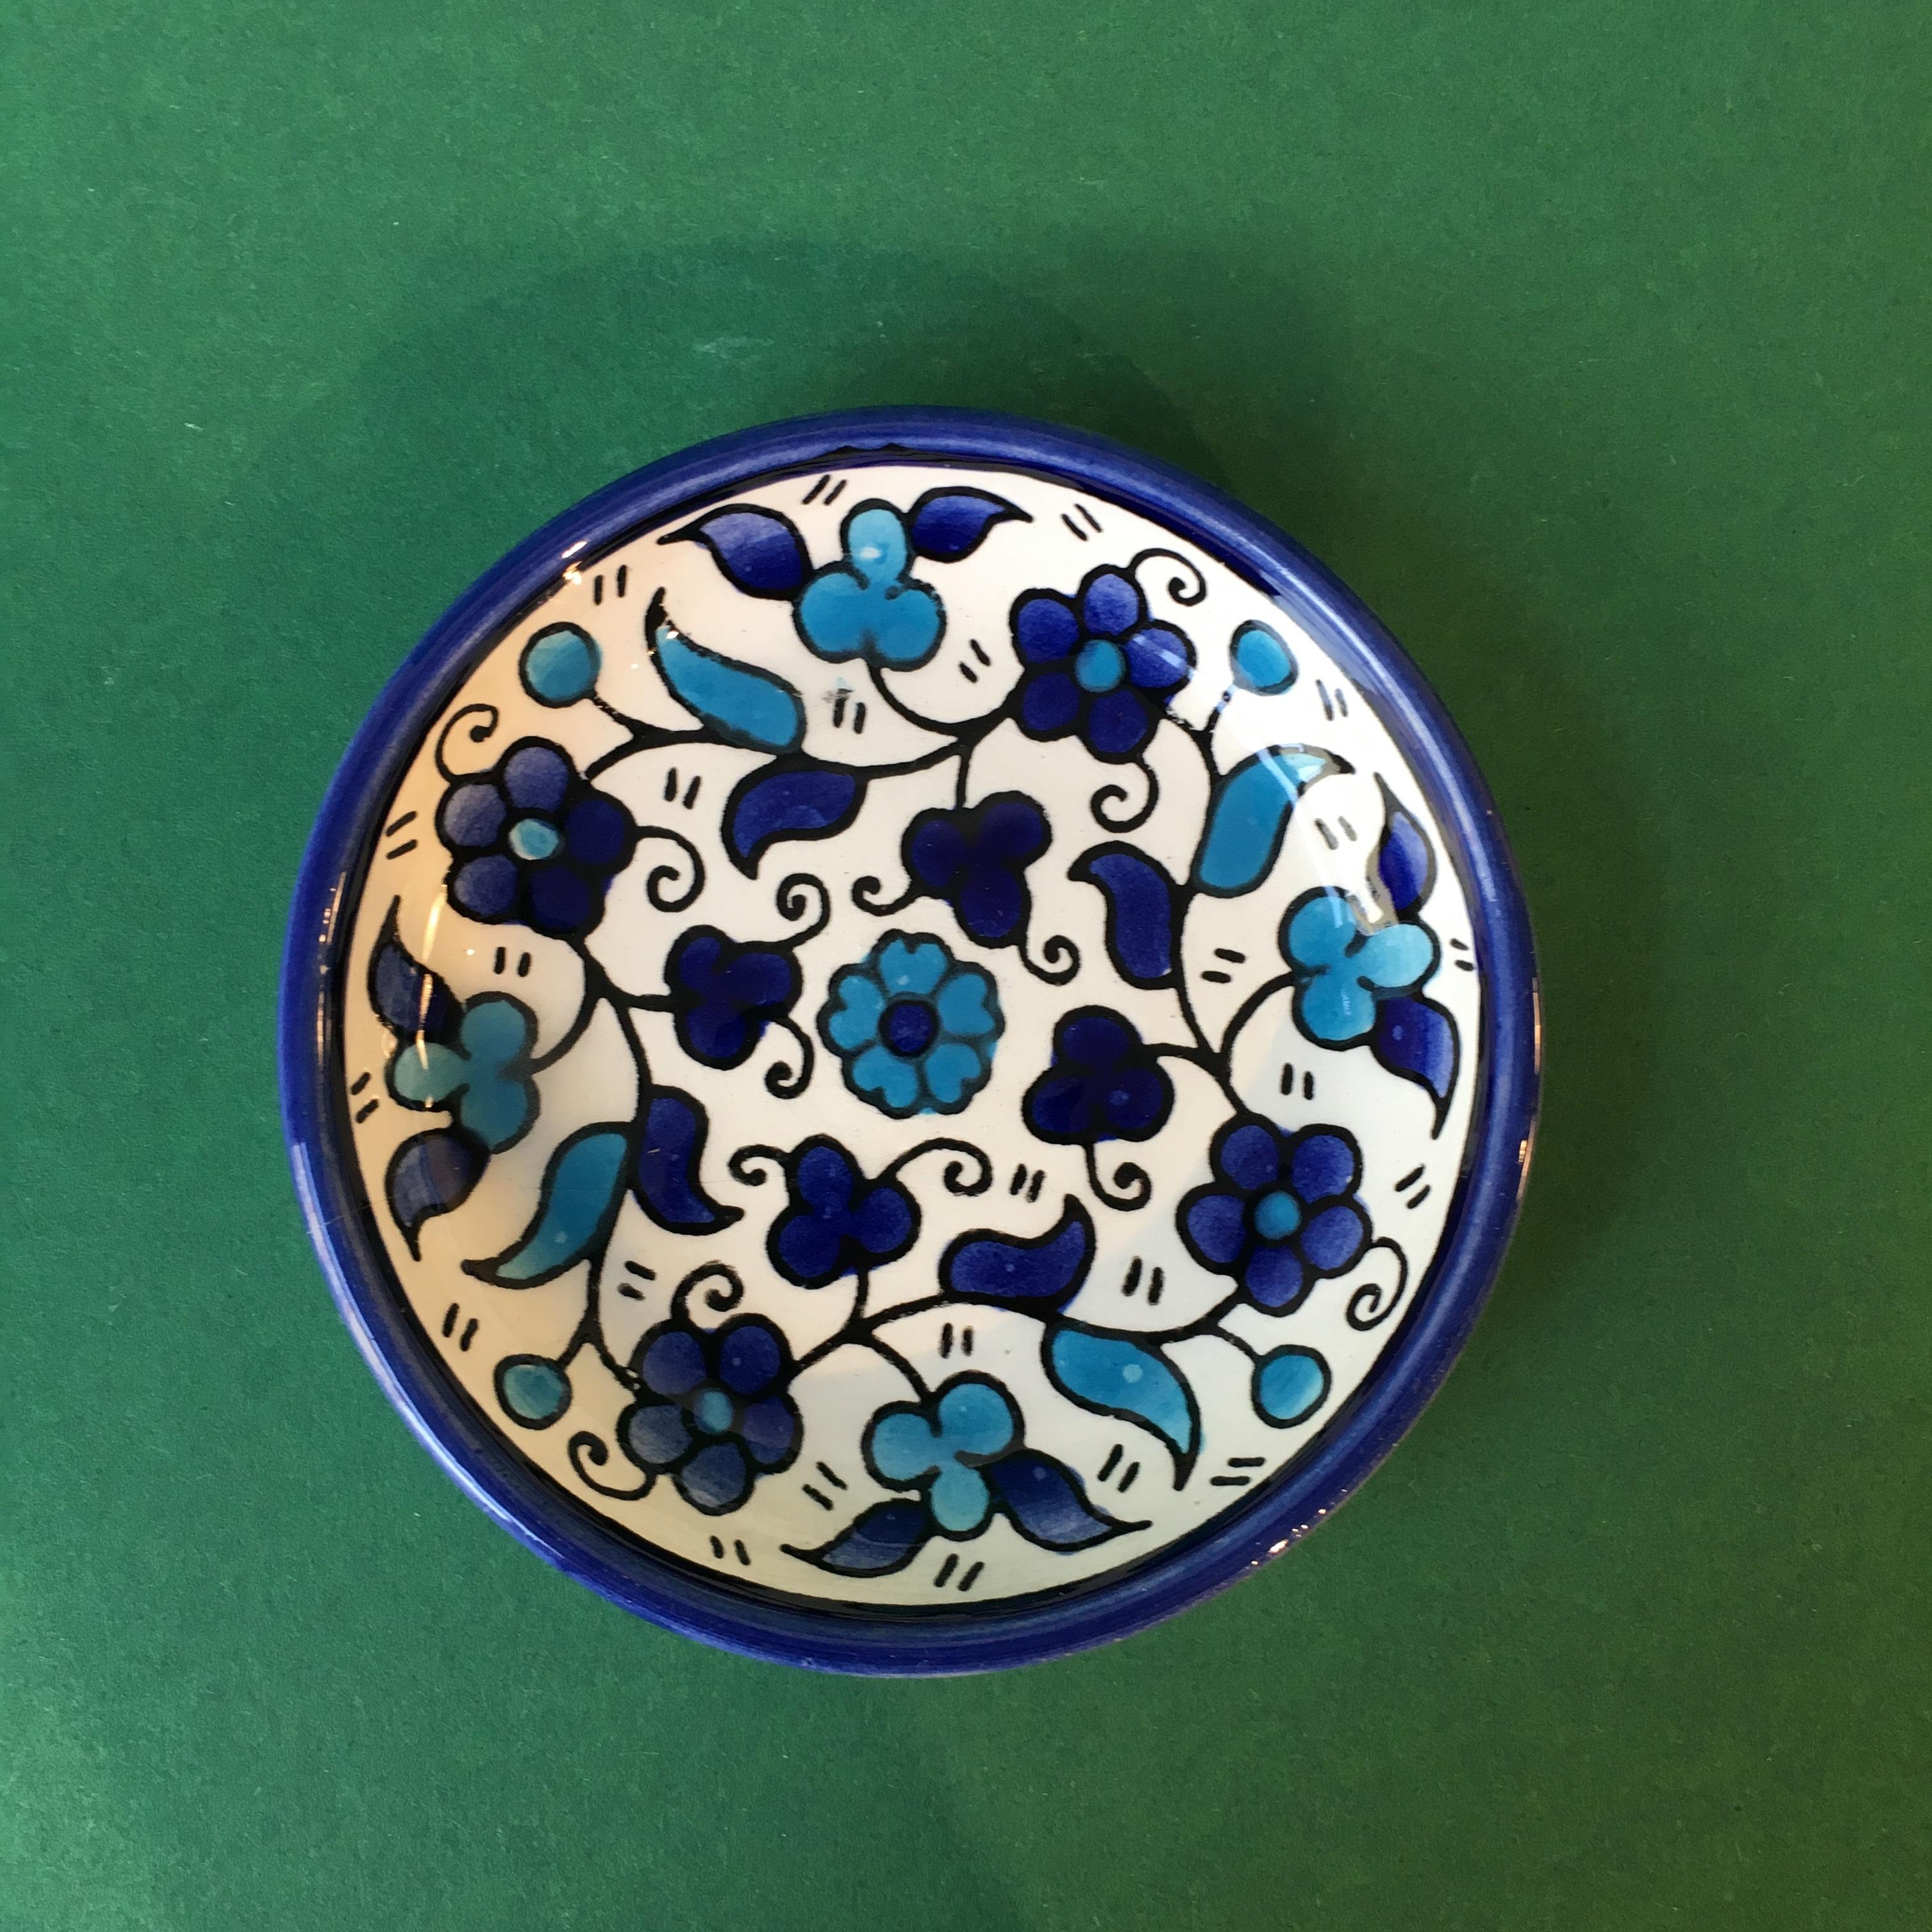 Mini keramikkskål, blå og lyseblå